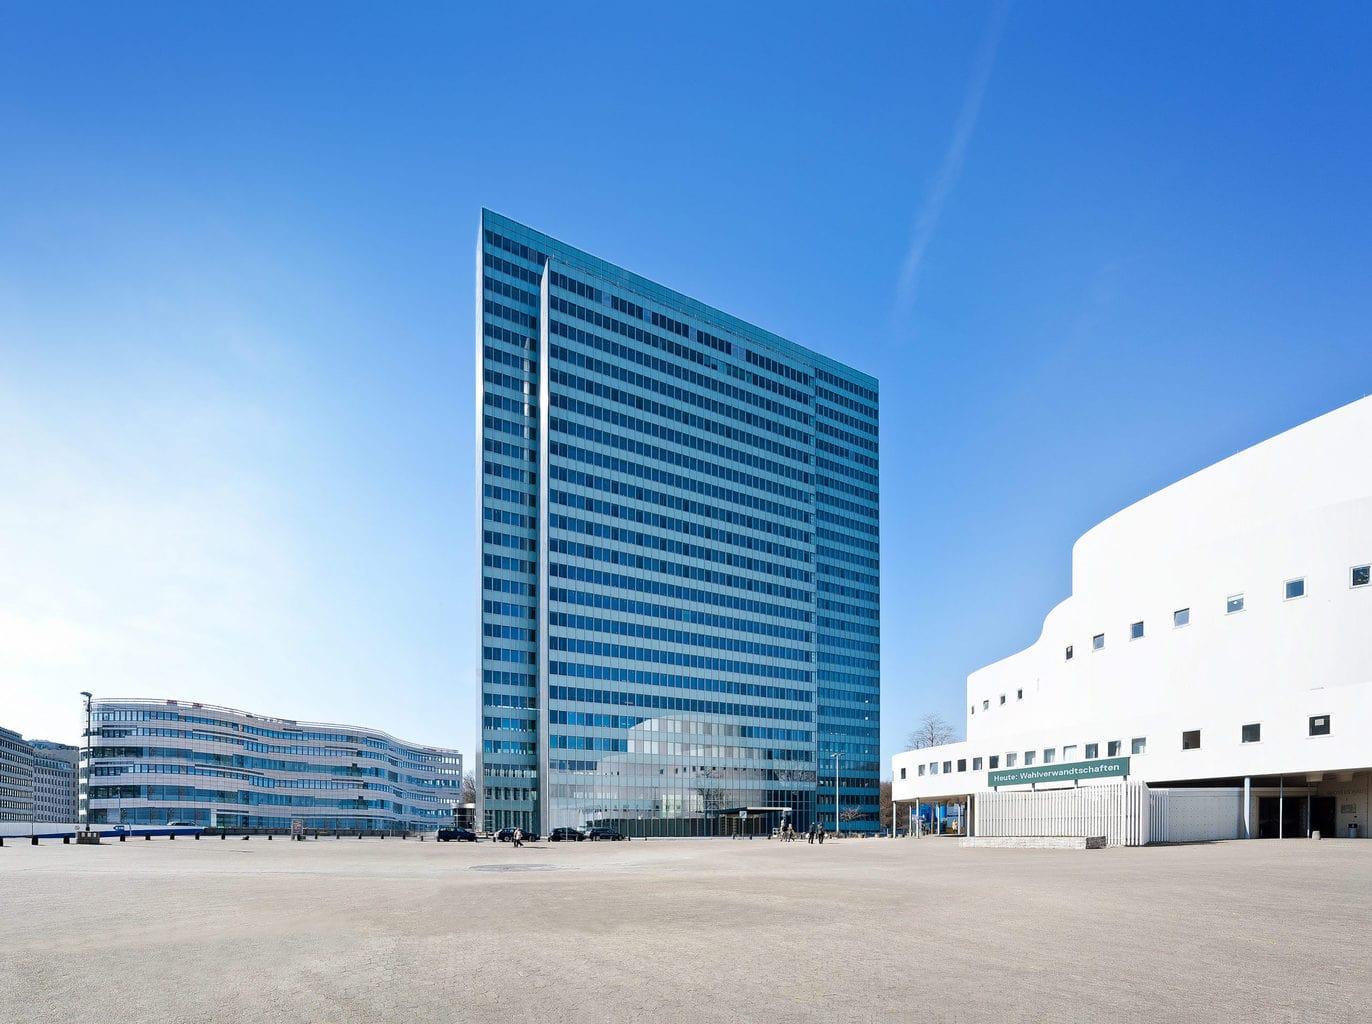 Dreischeibenhaus in Düsseldorf van architect Claudia Roggenkämper